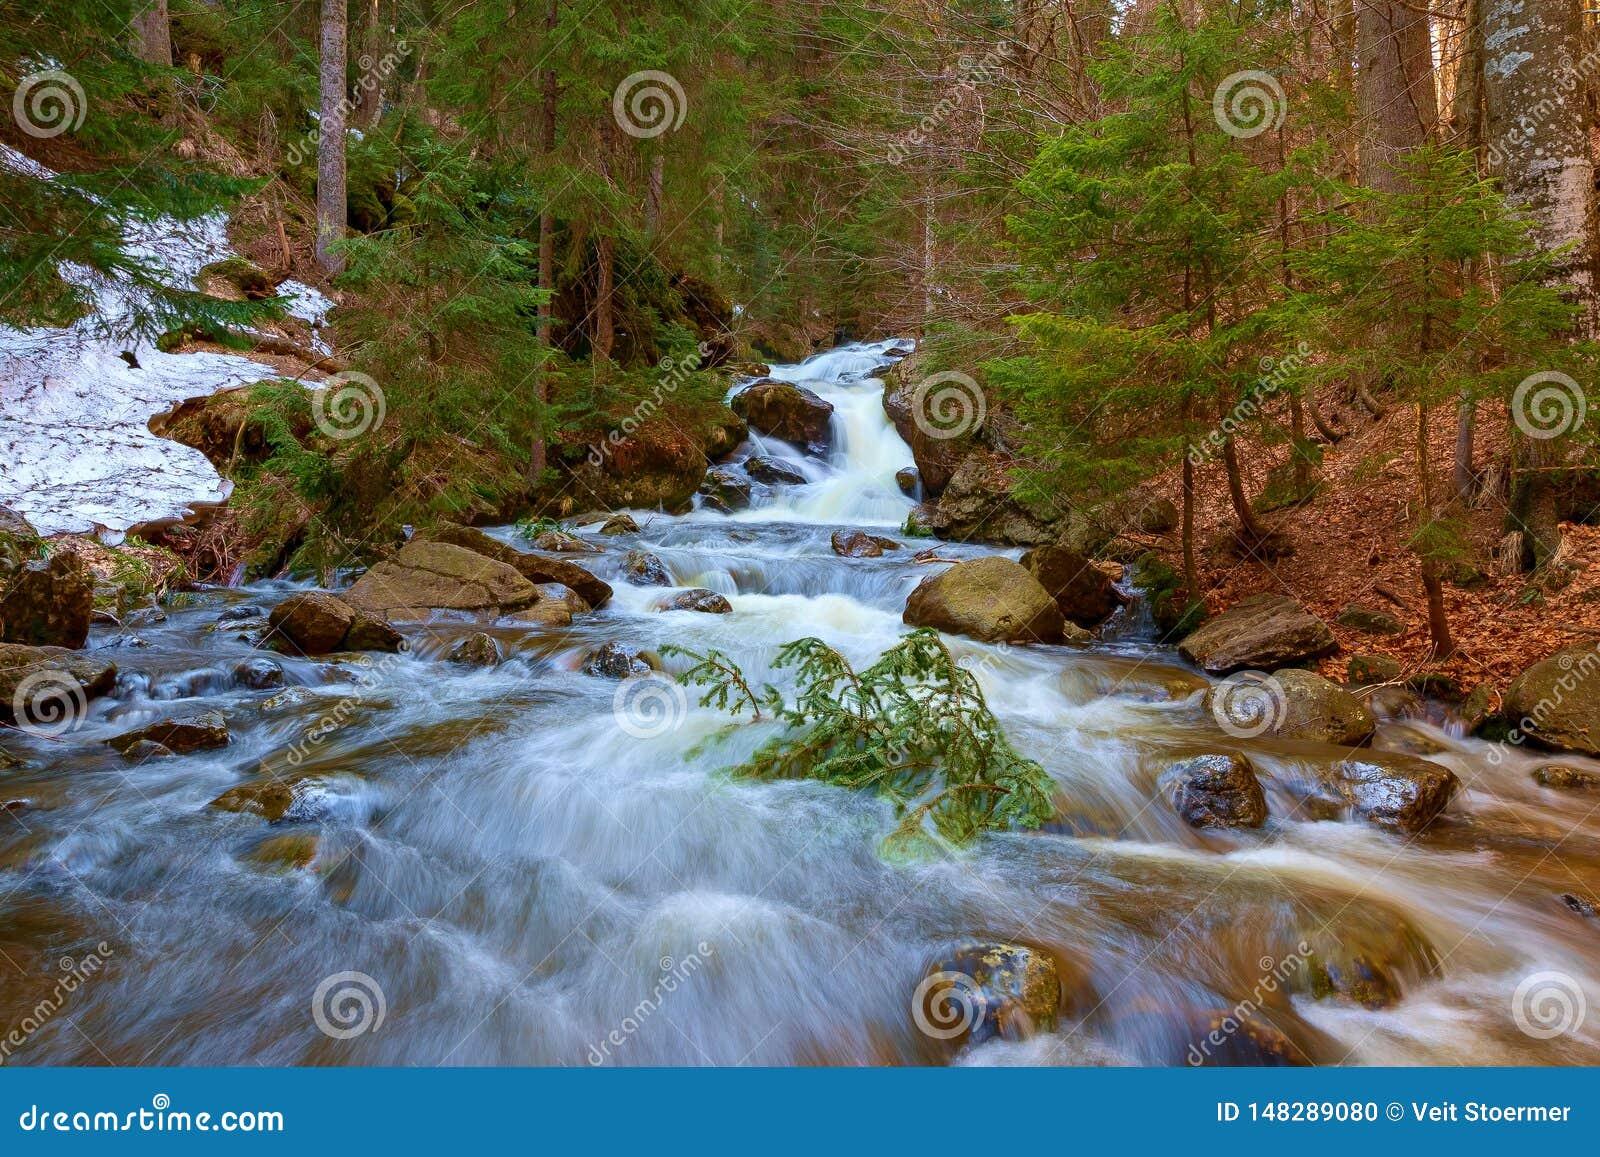 En vattenfall i skogen